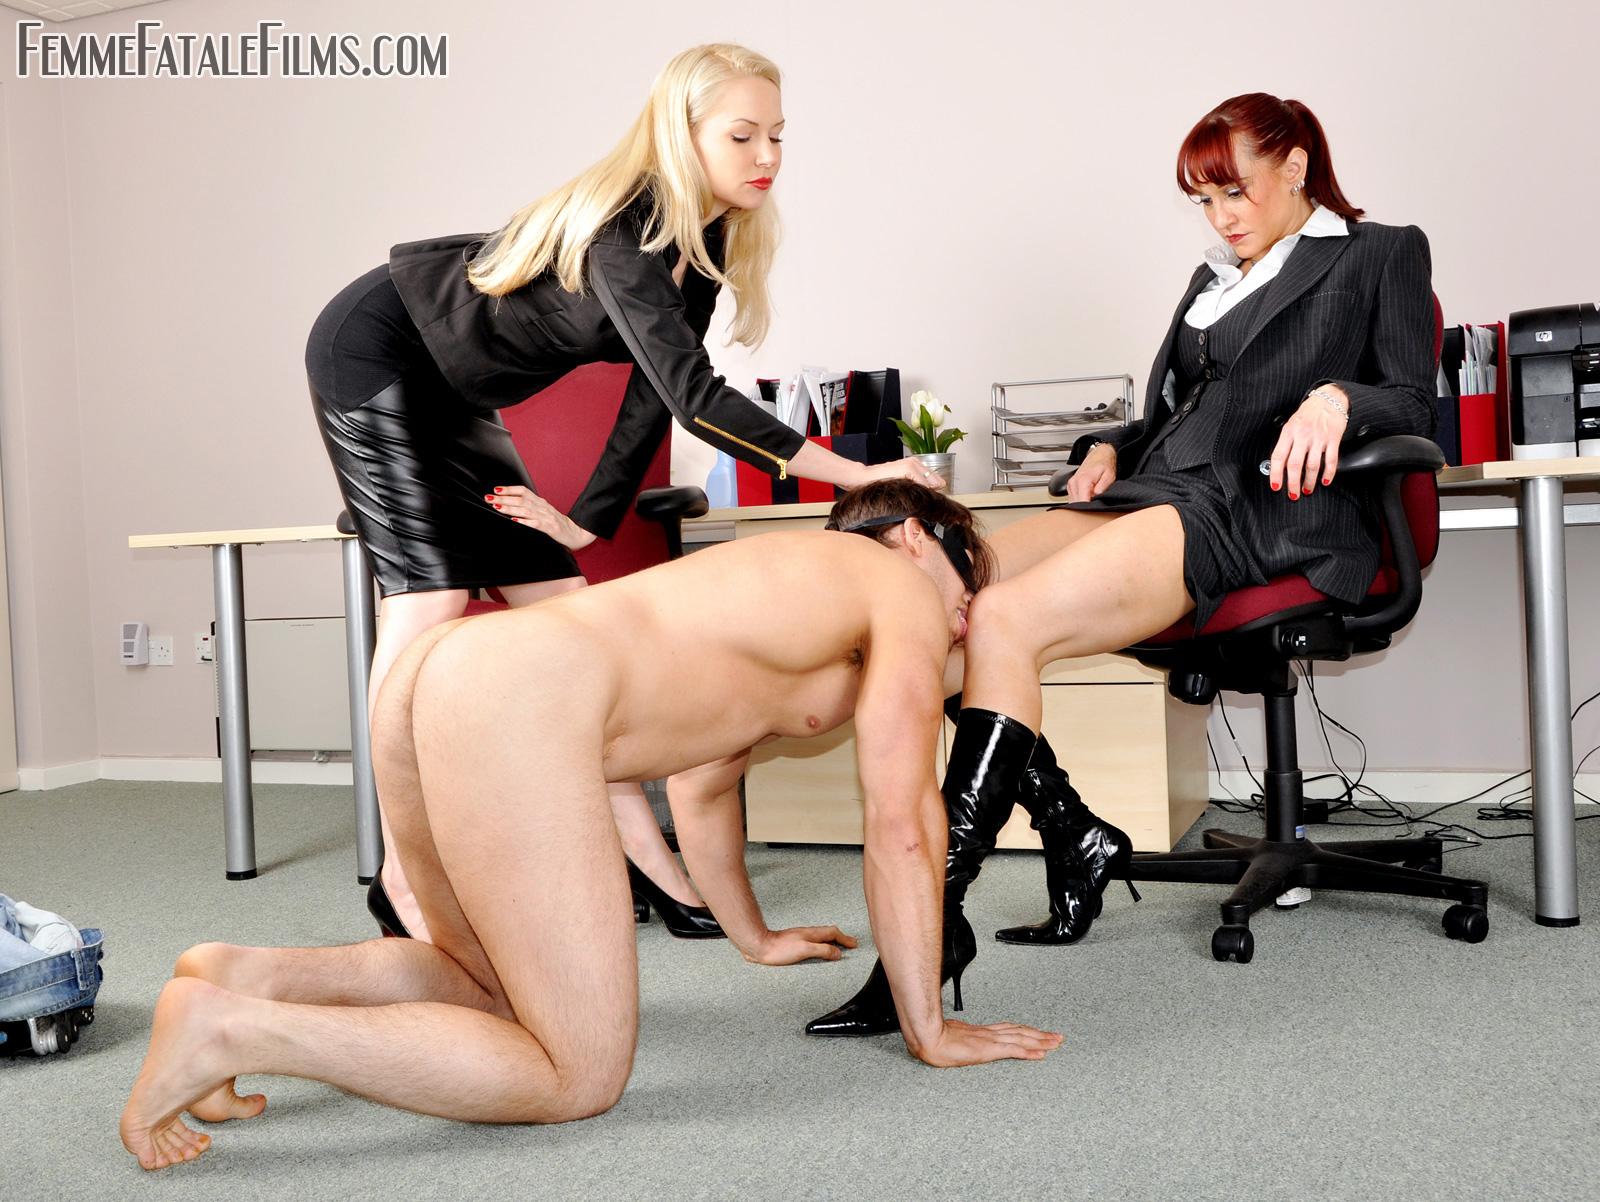 Начальник лесбиянка доминирует — 9